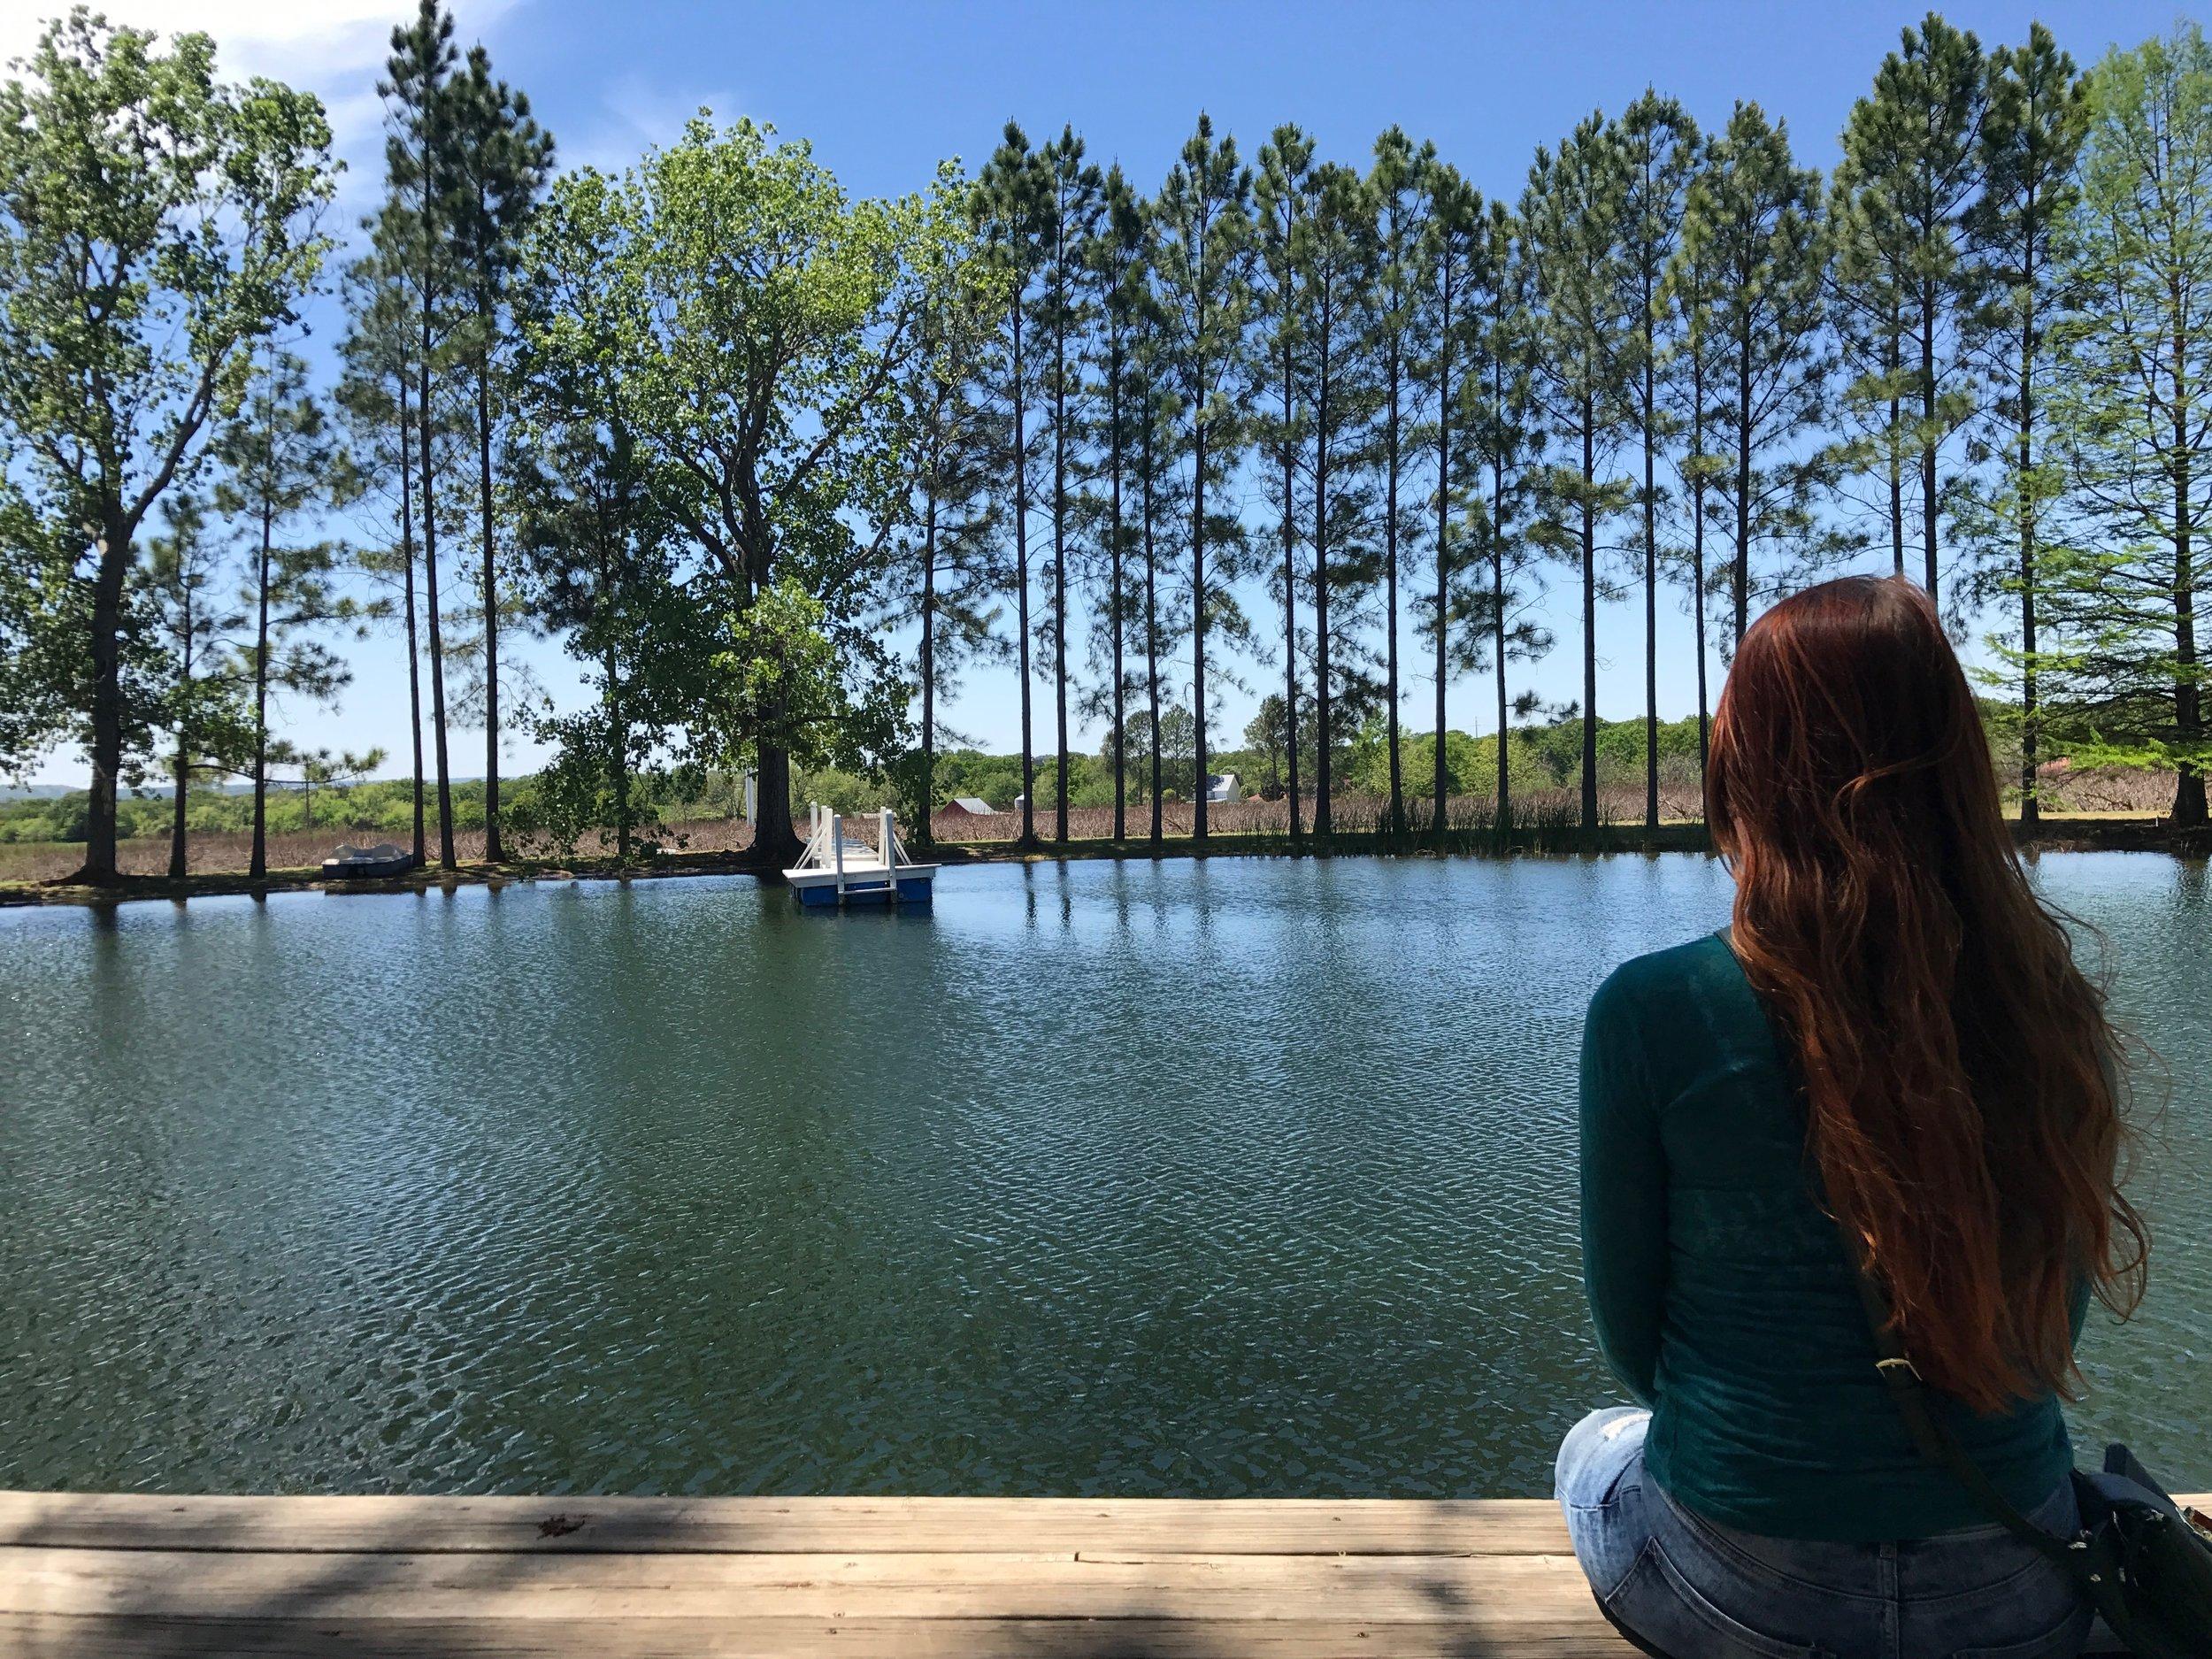 Das Peach Haus Lake in Fredericksburg